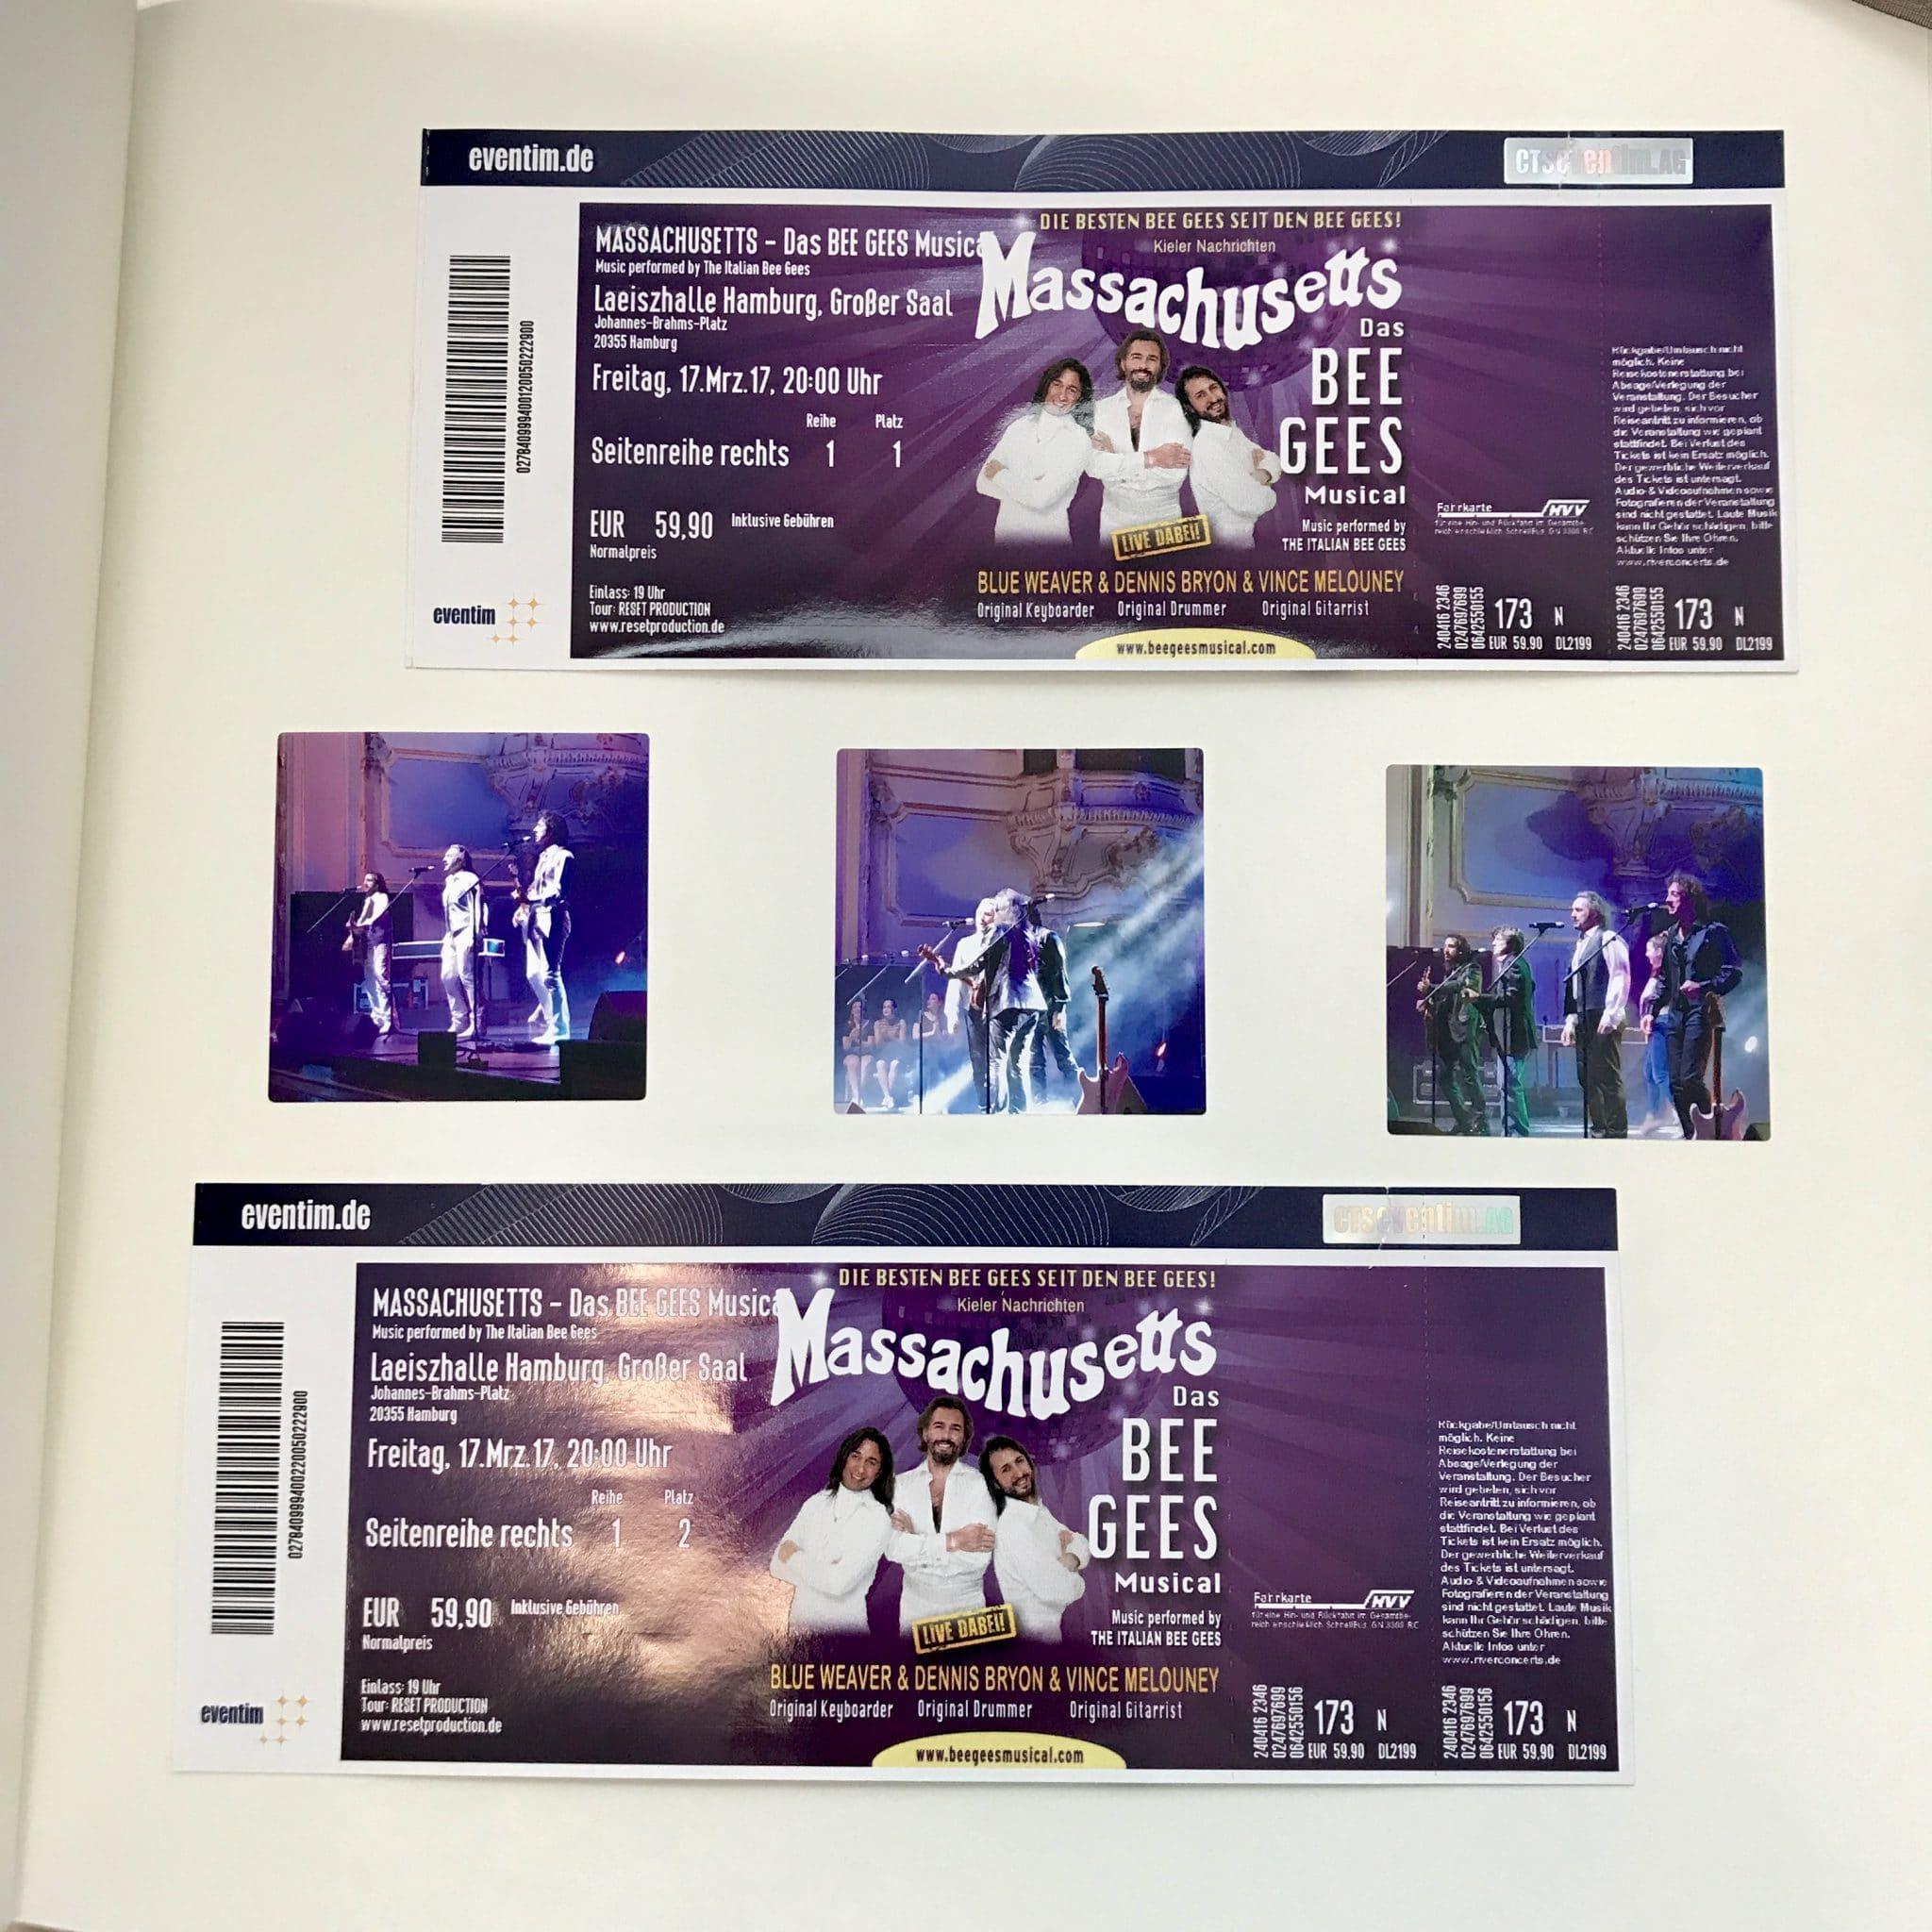 Die Tickets mit drei Nahaufnahmen des Musicals